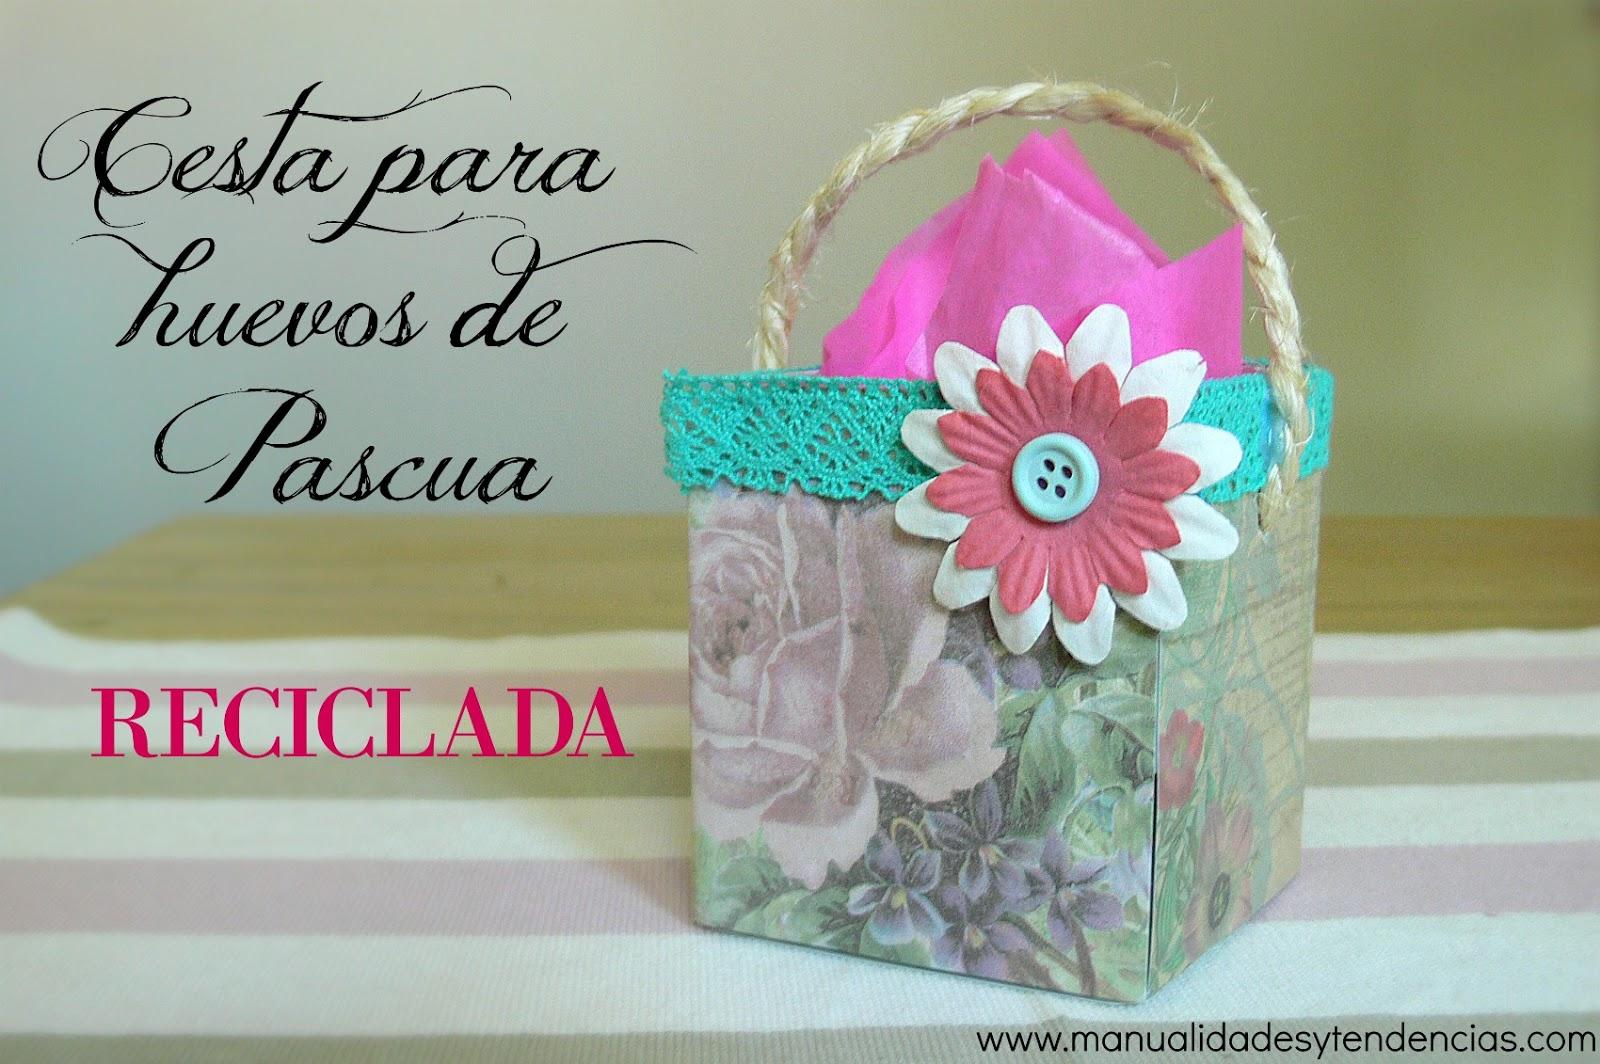 Cesta De Huevos De Pascua Reciclada Recycled Easter Basket Handbox